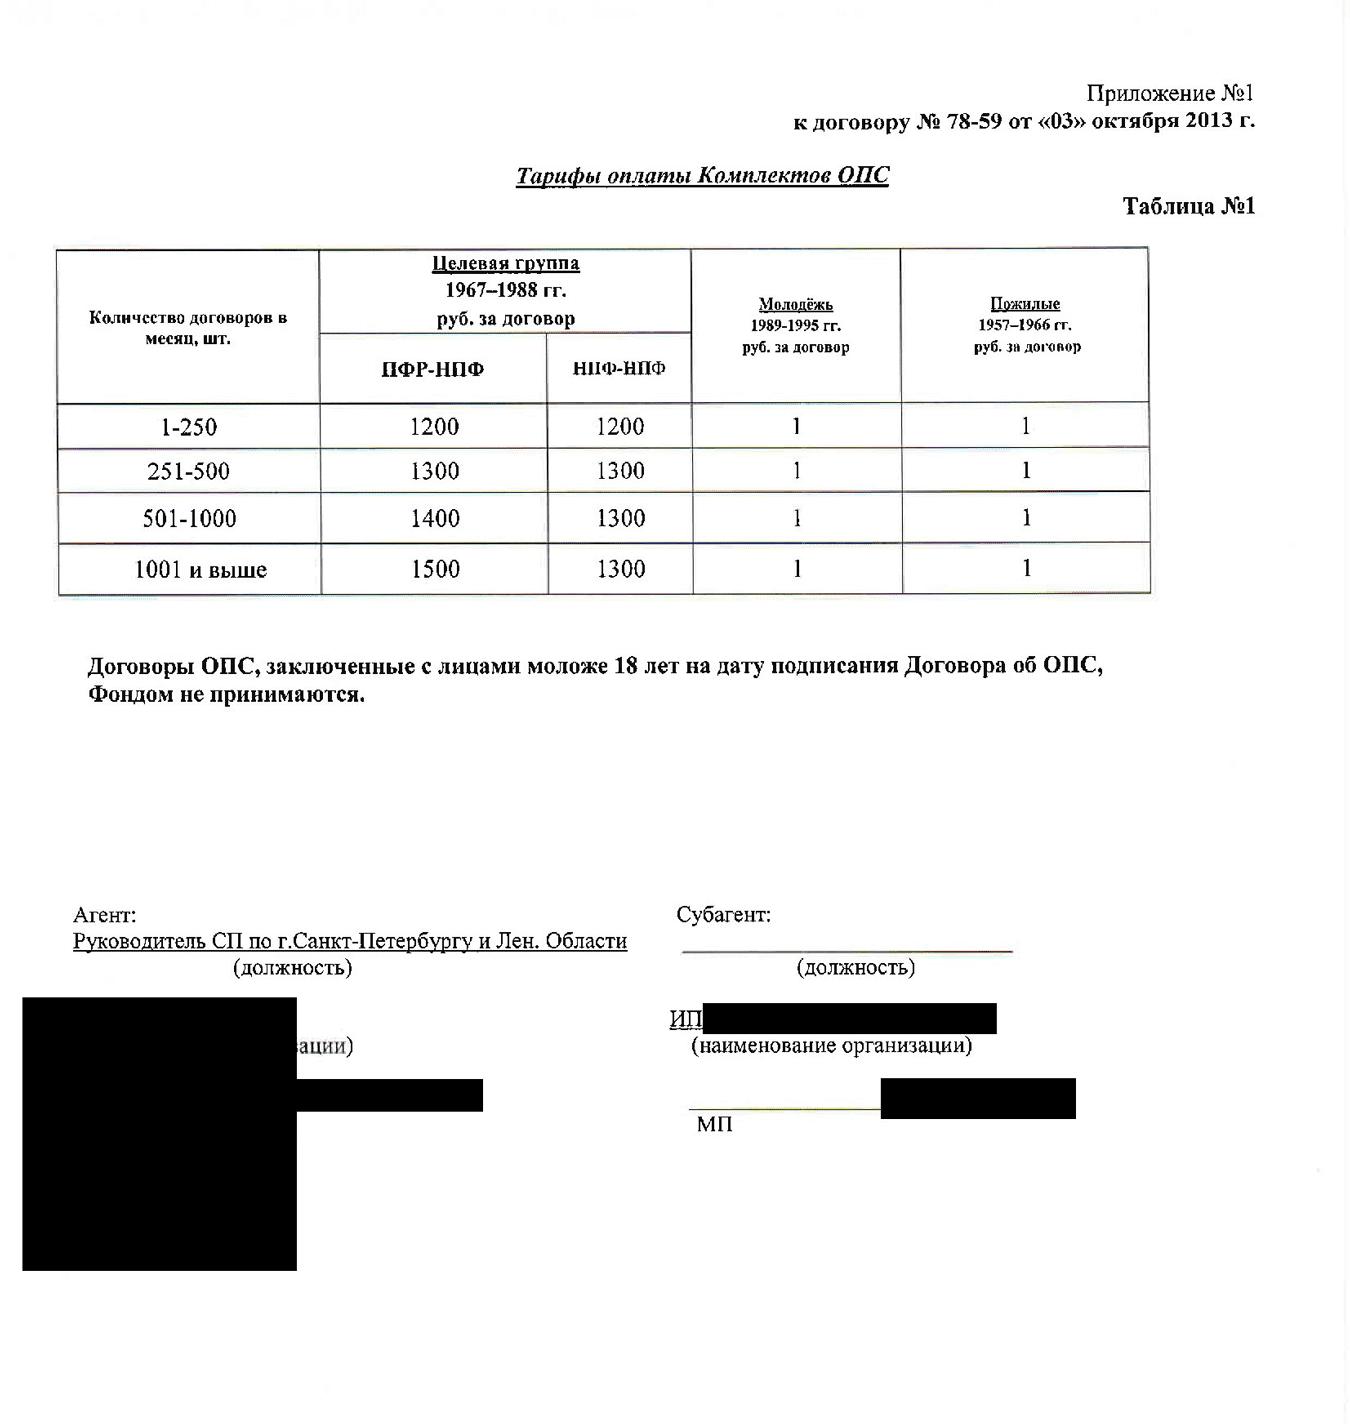 В 2013 году, когда я работал в брокерской компании — агенте, за каждого клиента НПФ платил от 1200 до 1500 р.